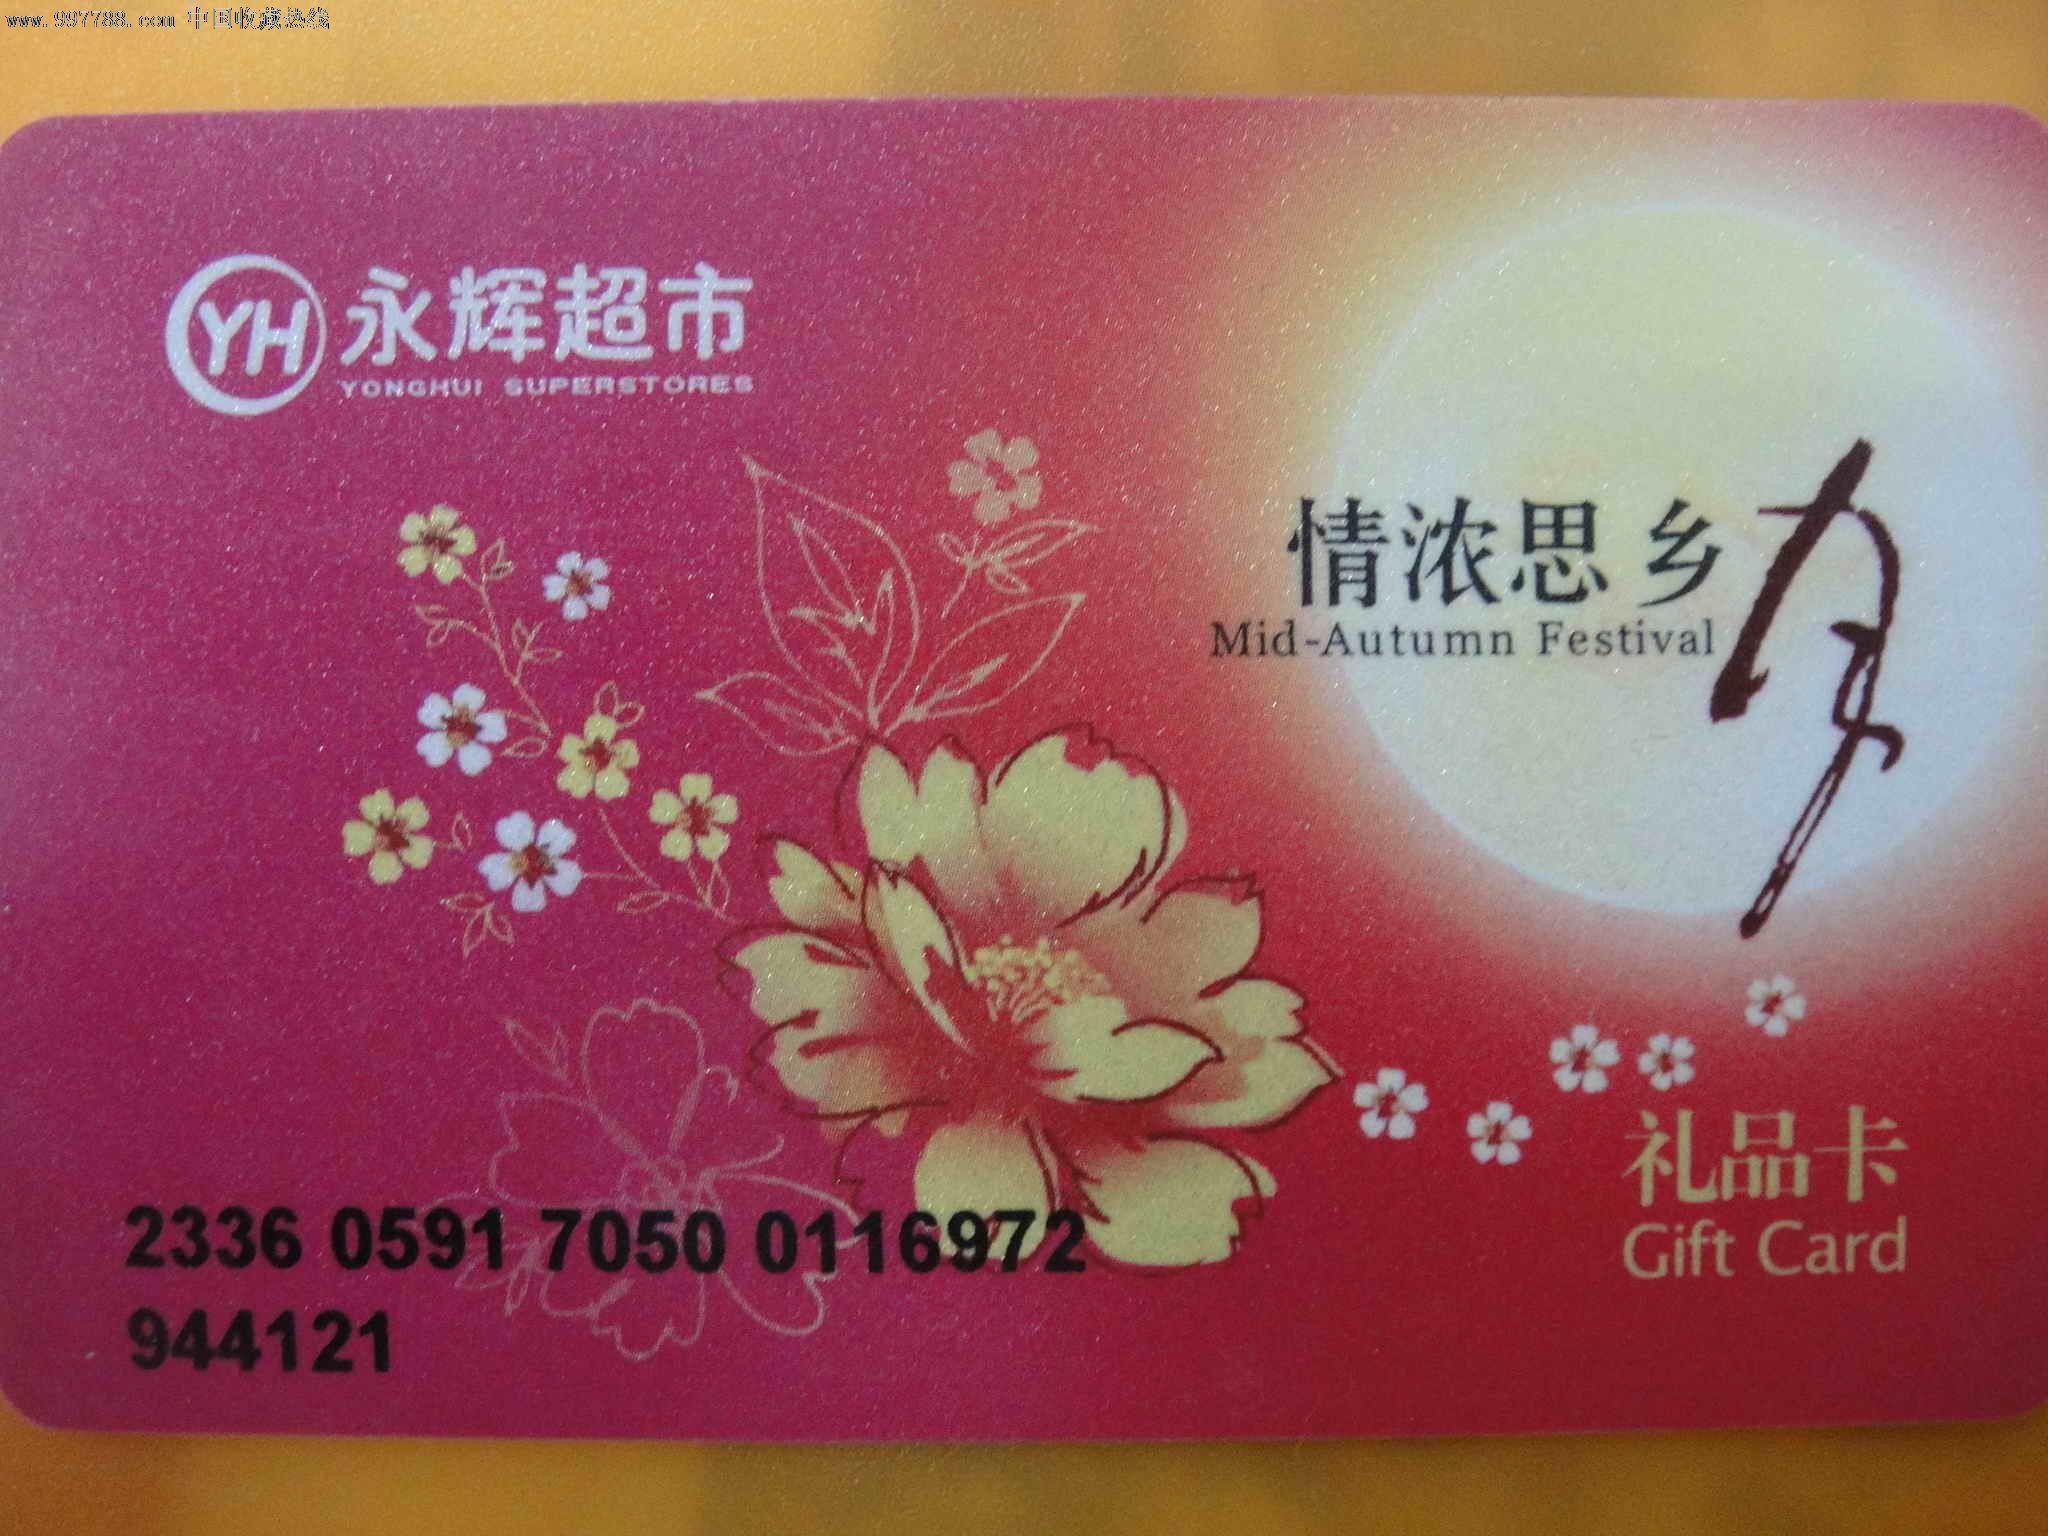 永辉超市积分卡�z*_永辉超市情浓思乡月礼品卡购物卡